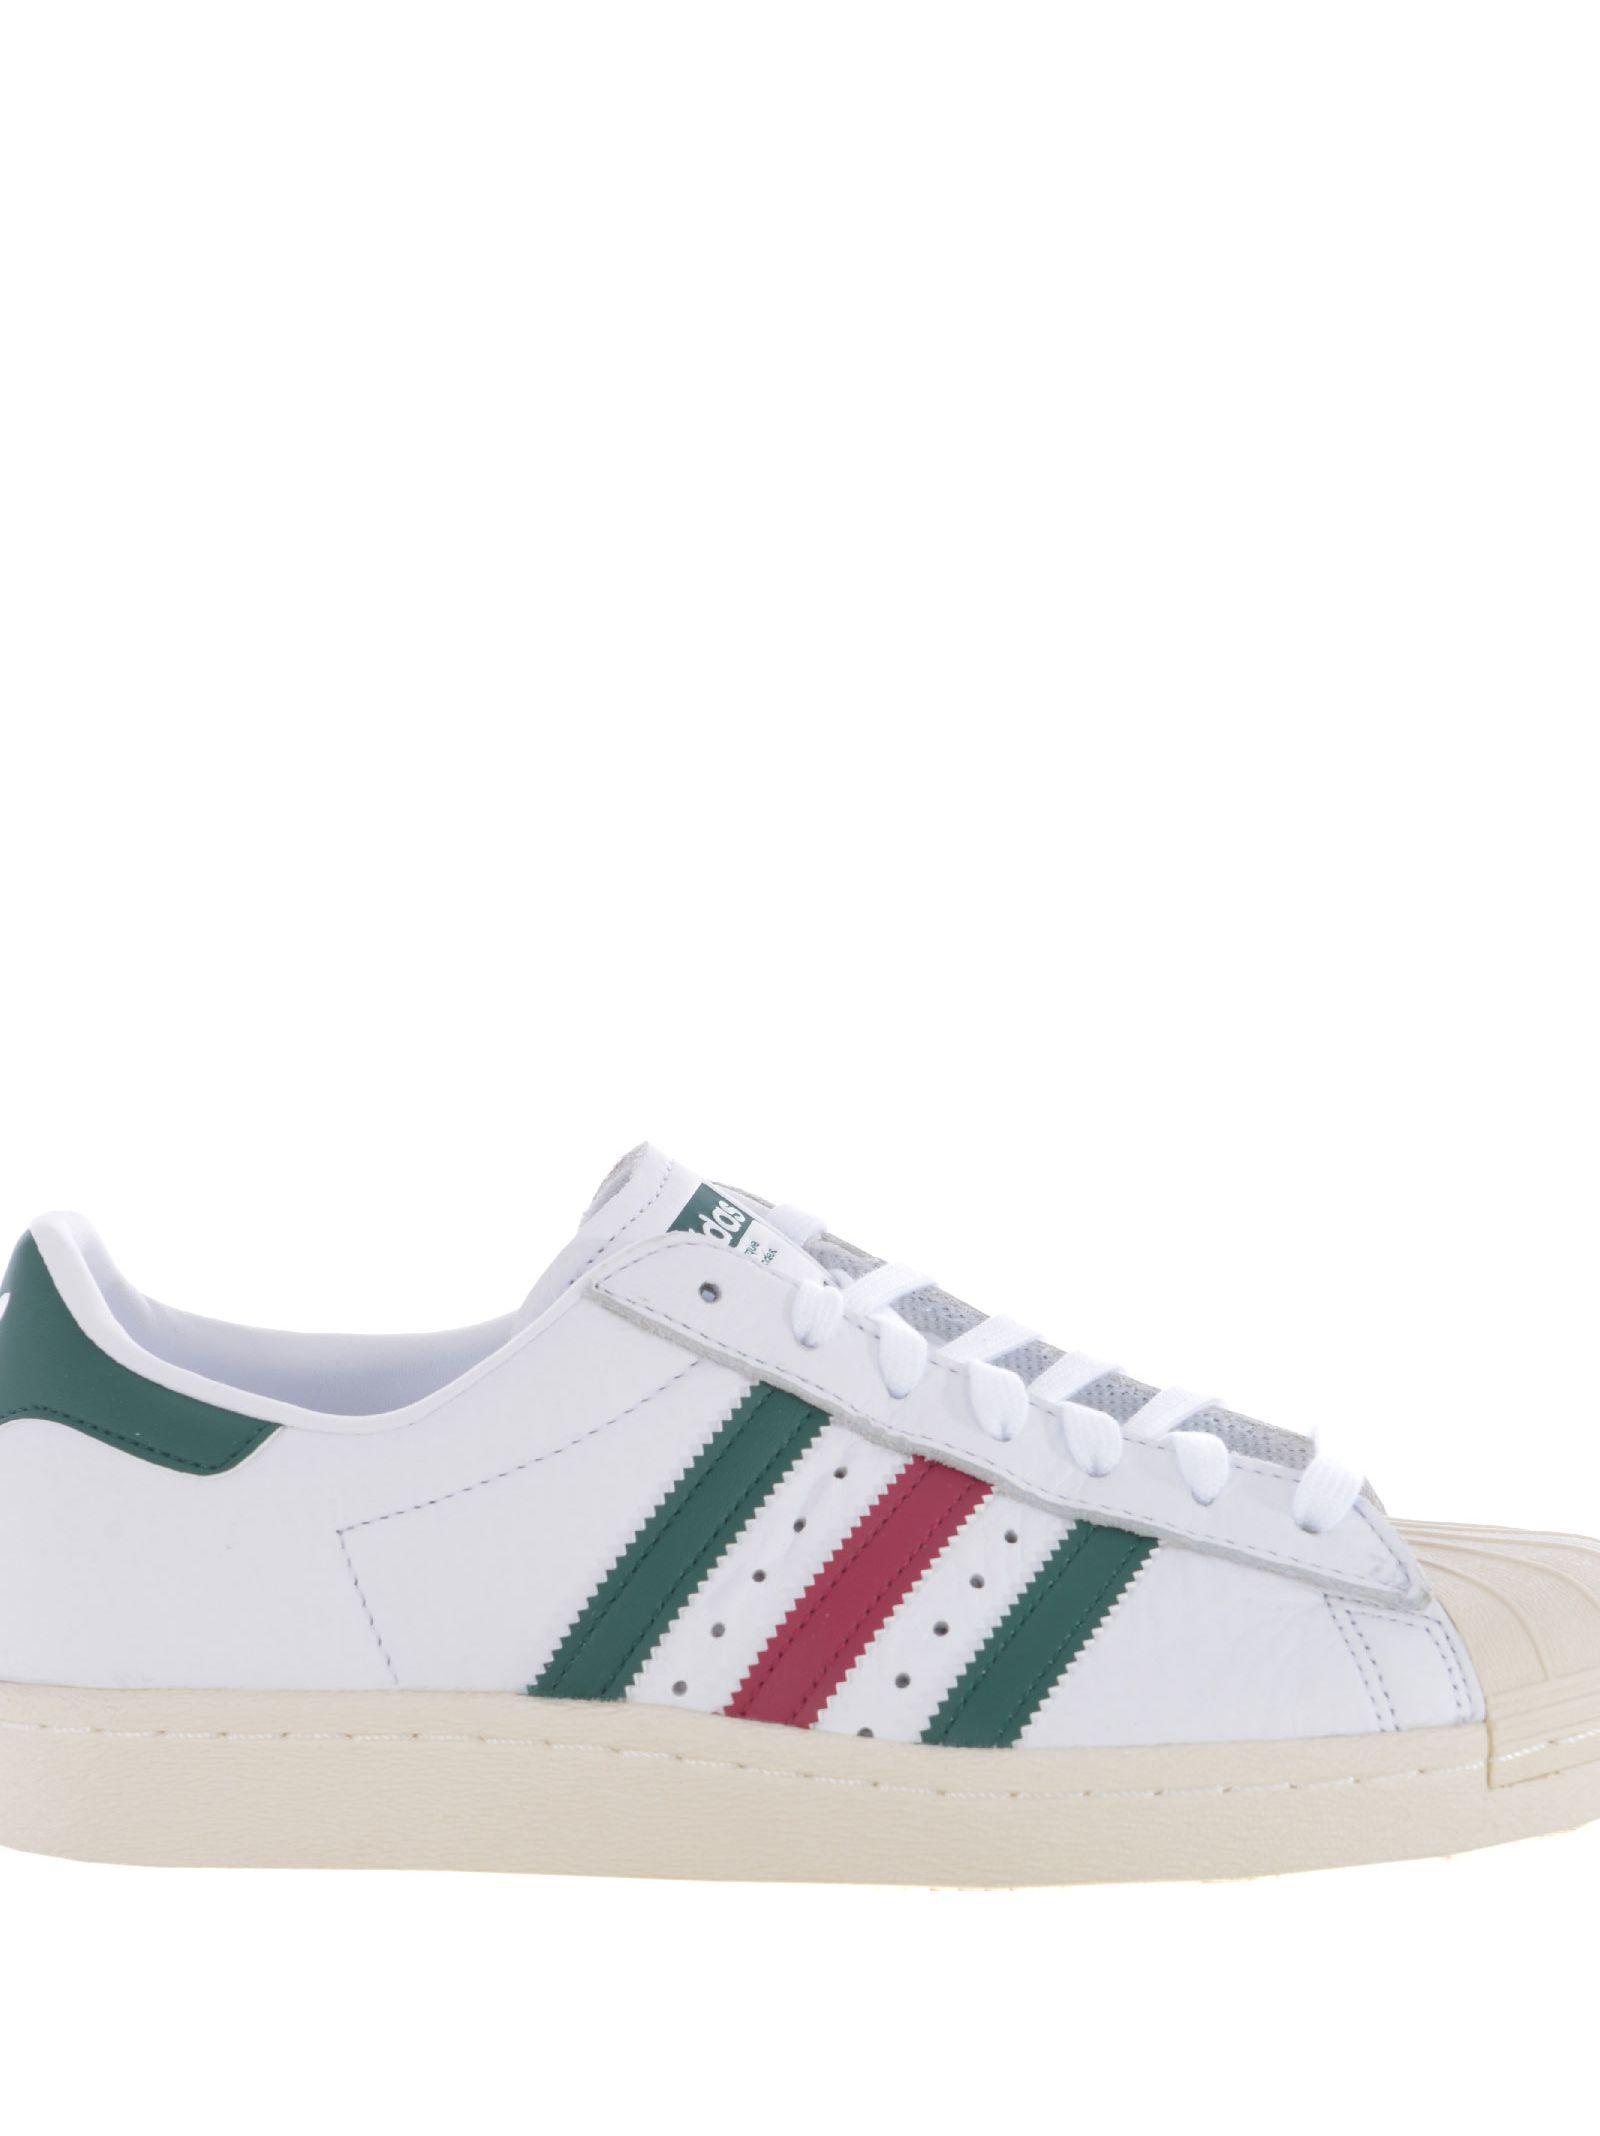 Adidas Originals Superstar 80s Sneakers